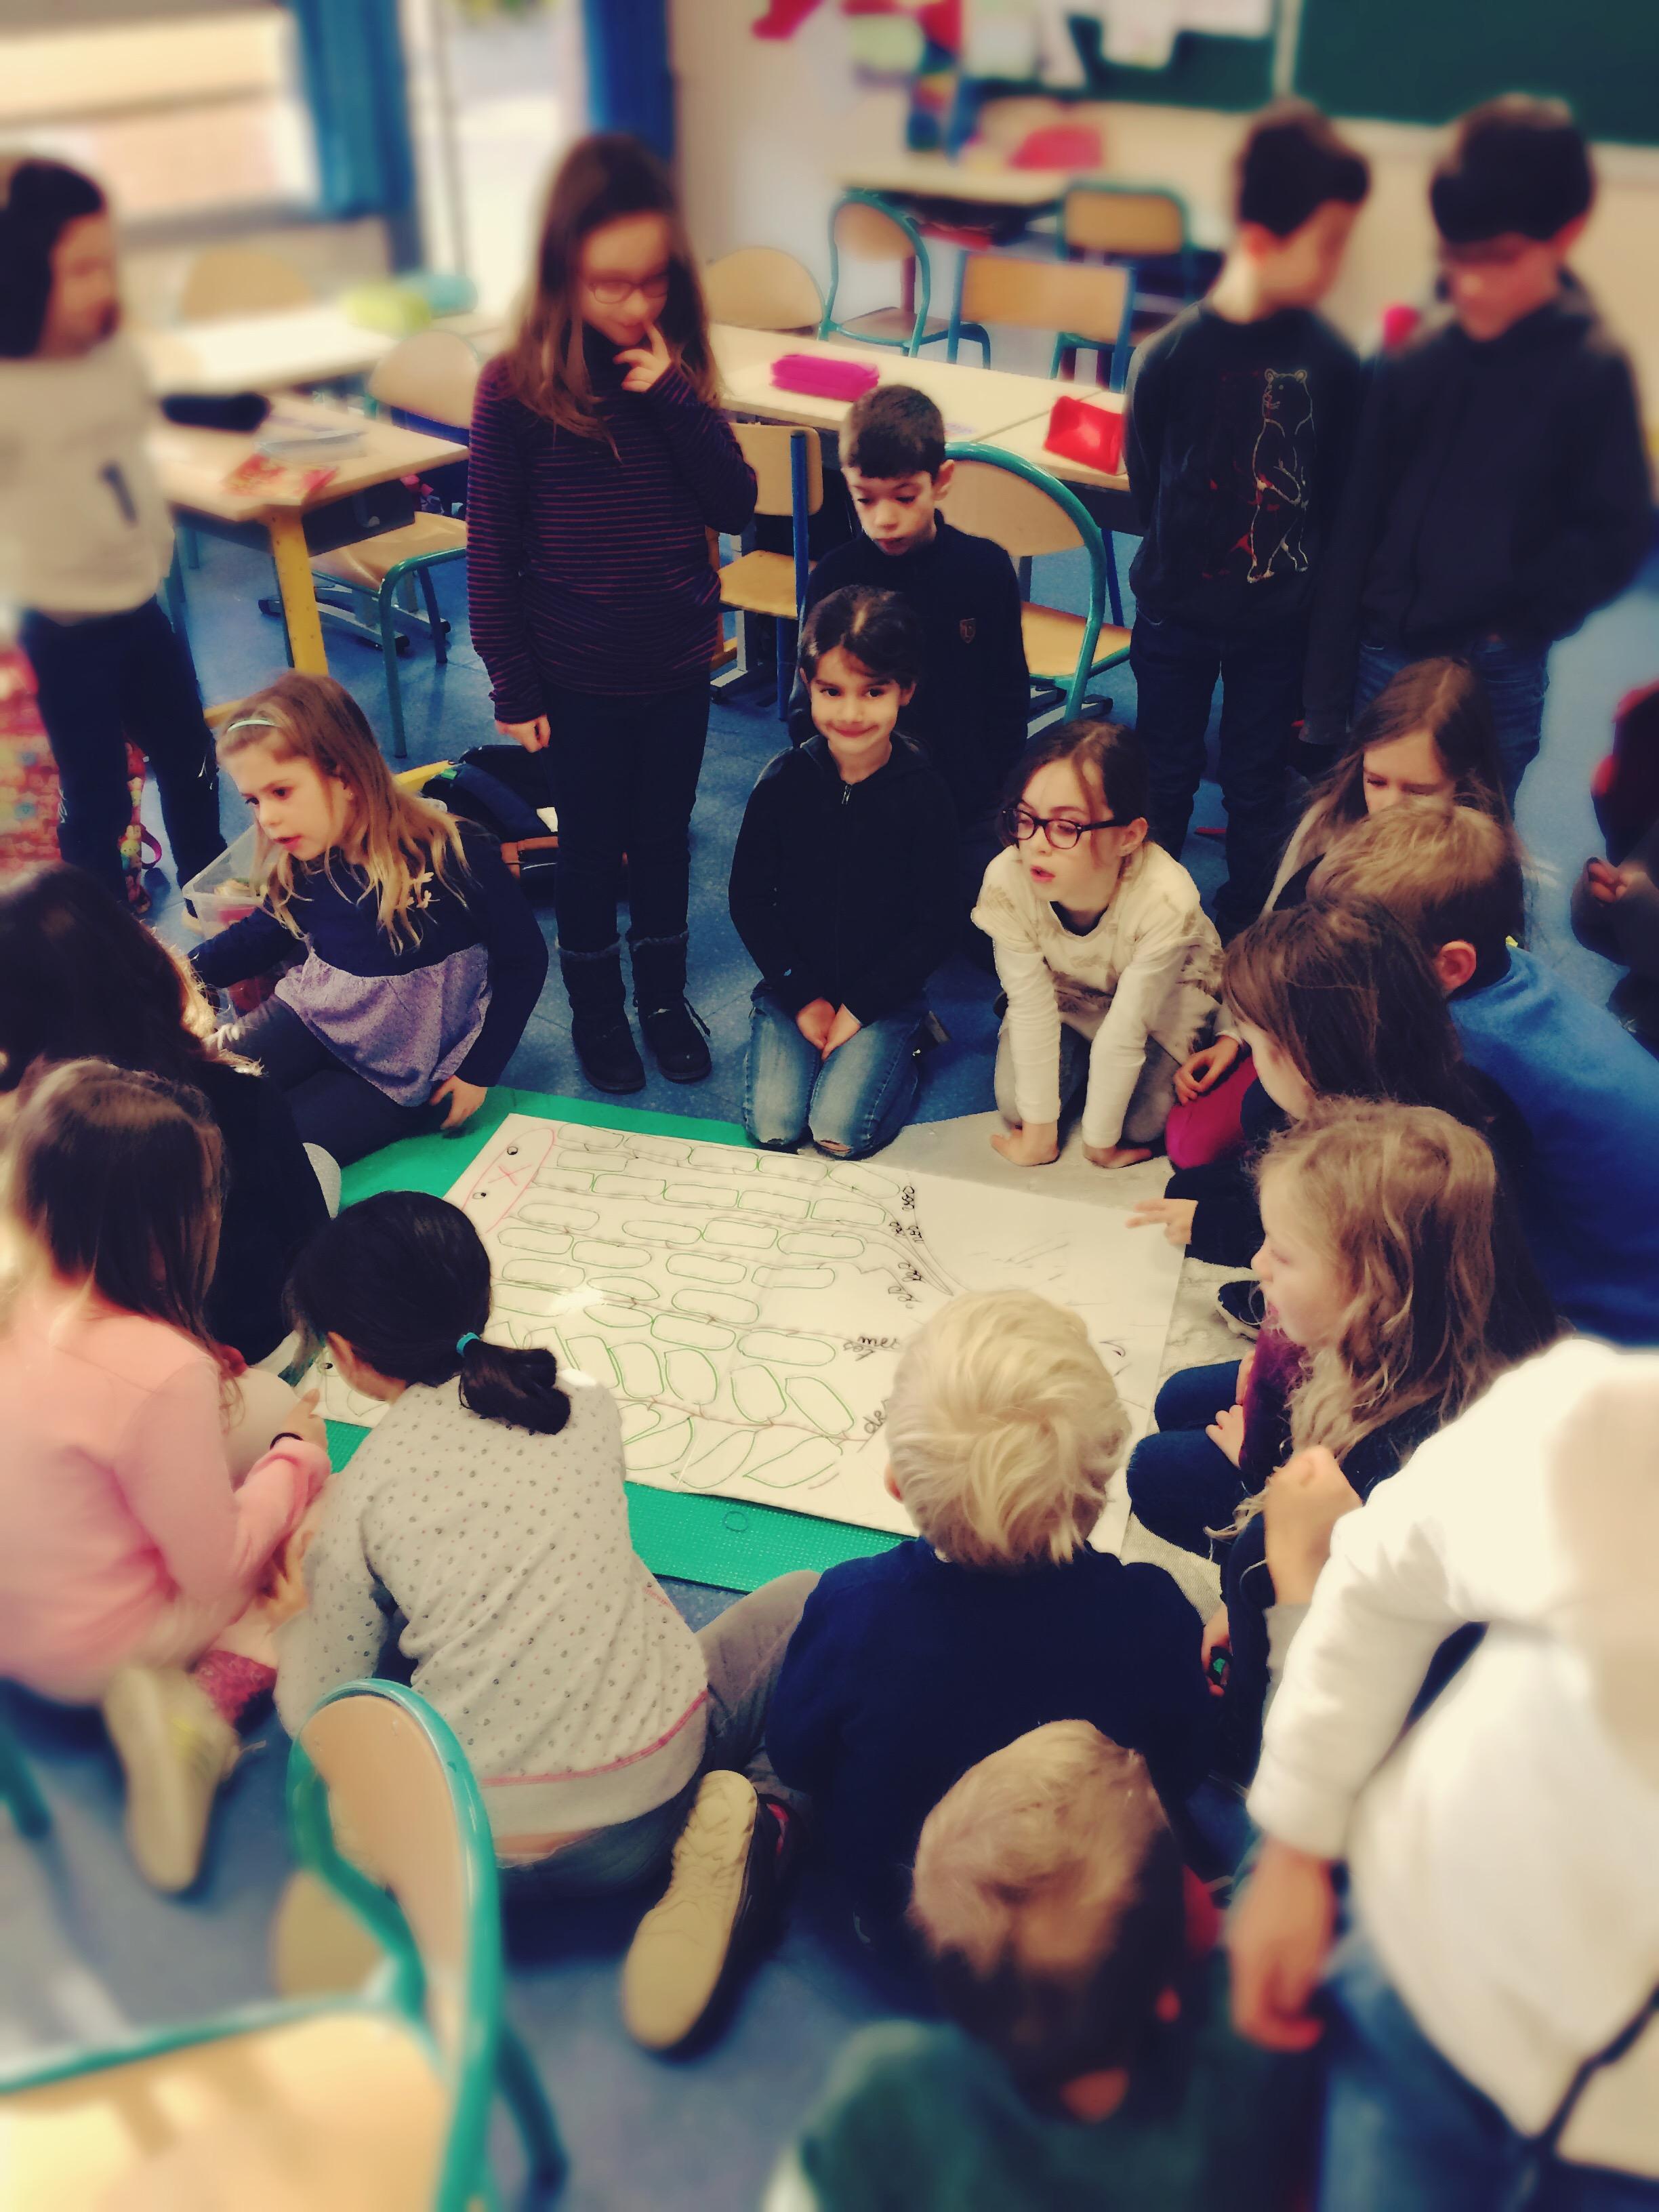 Ecole Du Futur Ecole Super Heros Projets Batisseurs De Possibles